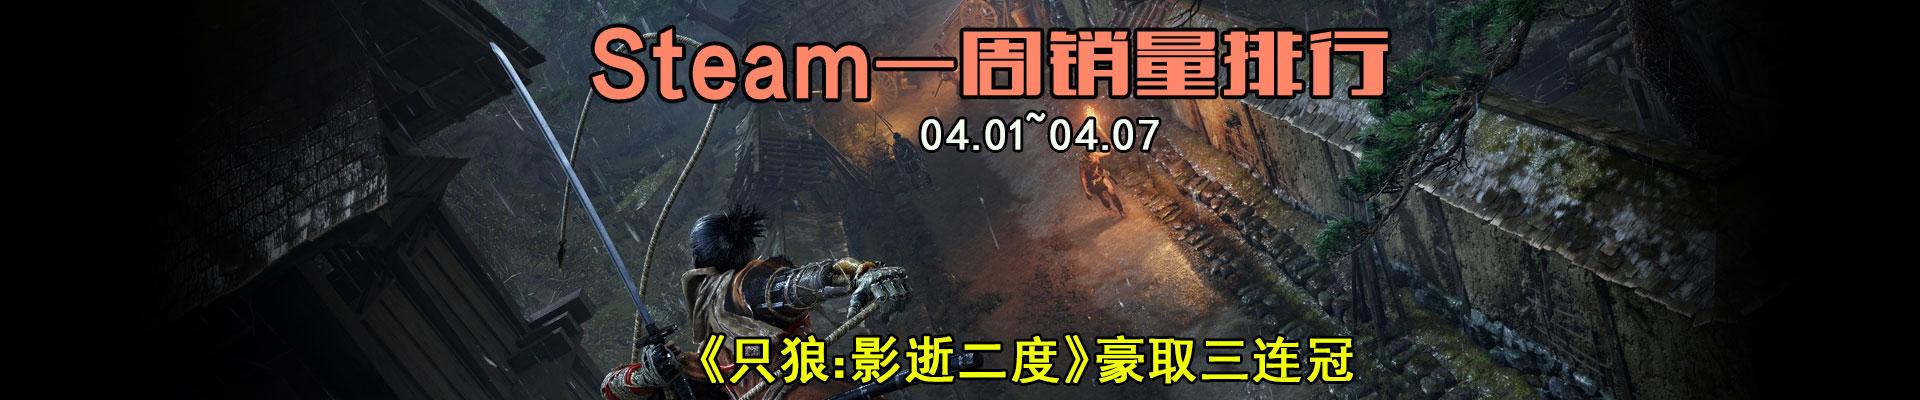 Steam周销量排行:《只狼:影逝二度》三连冠